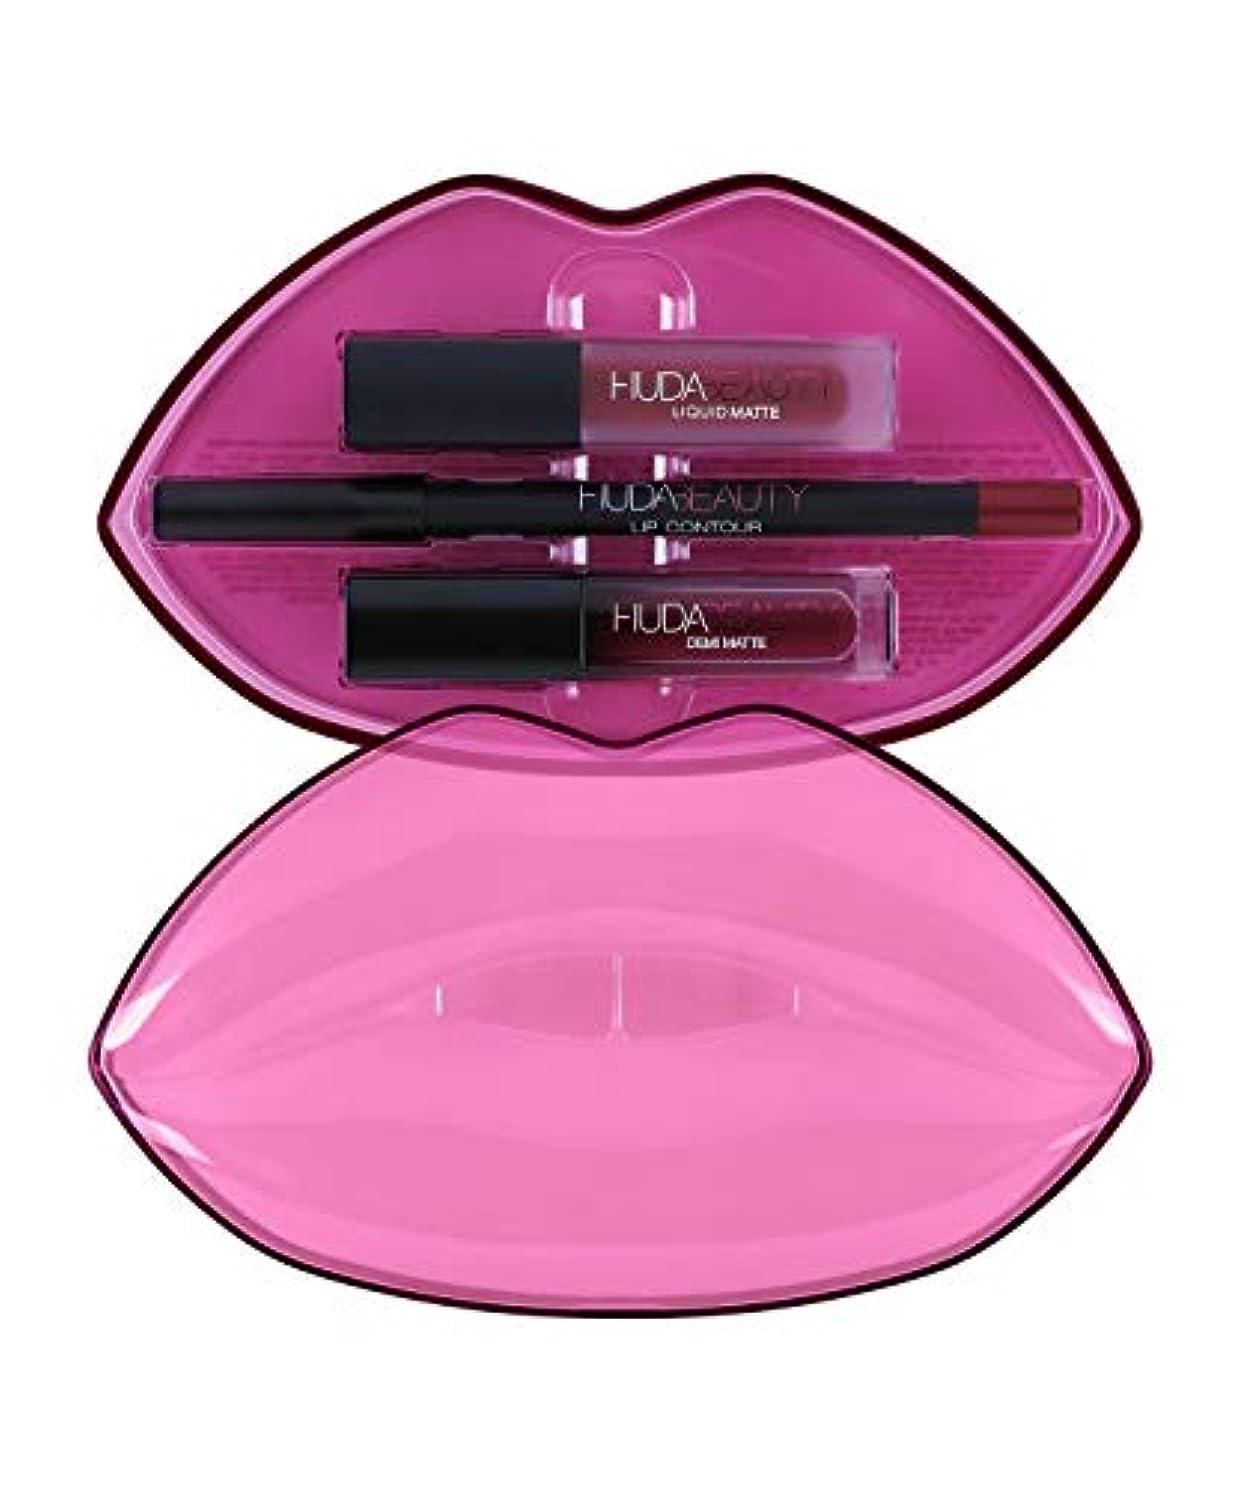 驚いたことに遠足セグメントHUDABEAUTY フーダビューティ リップ Demi Matte & Cream Lip Set Bawse & Famous